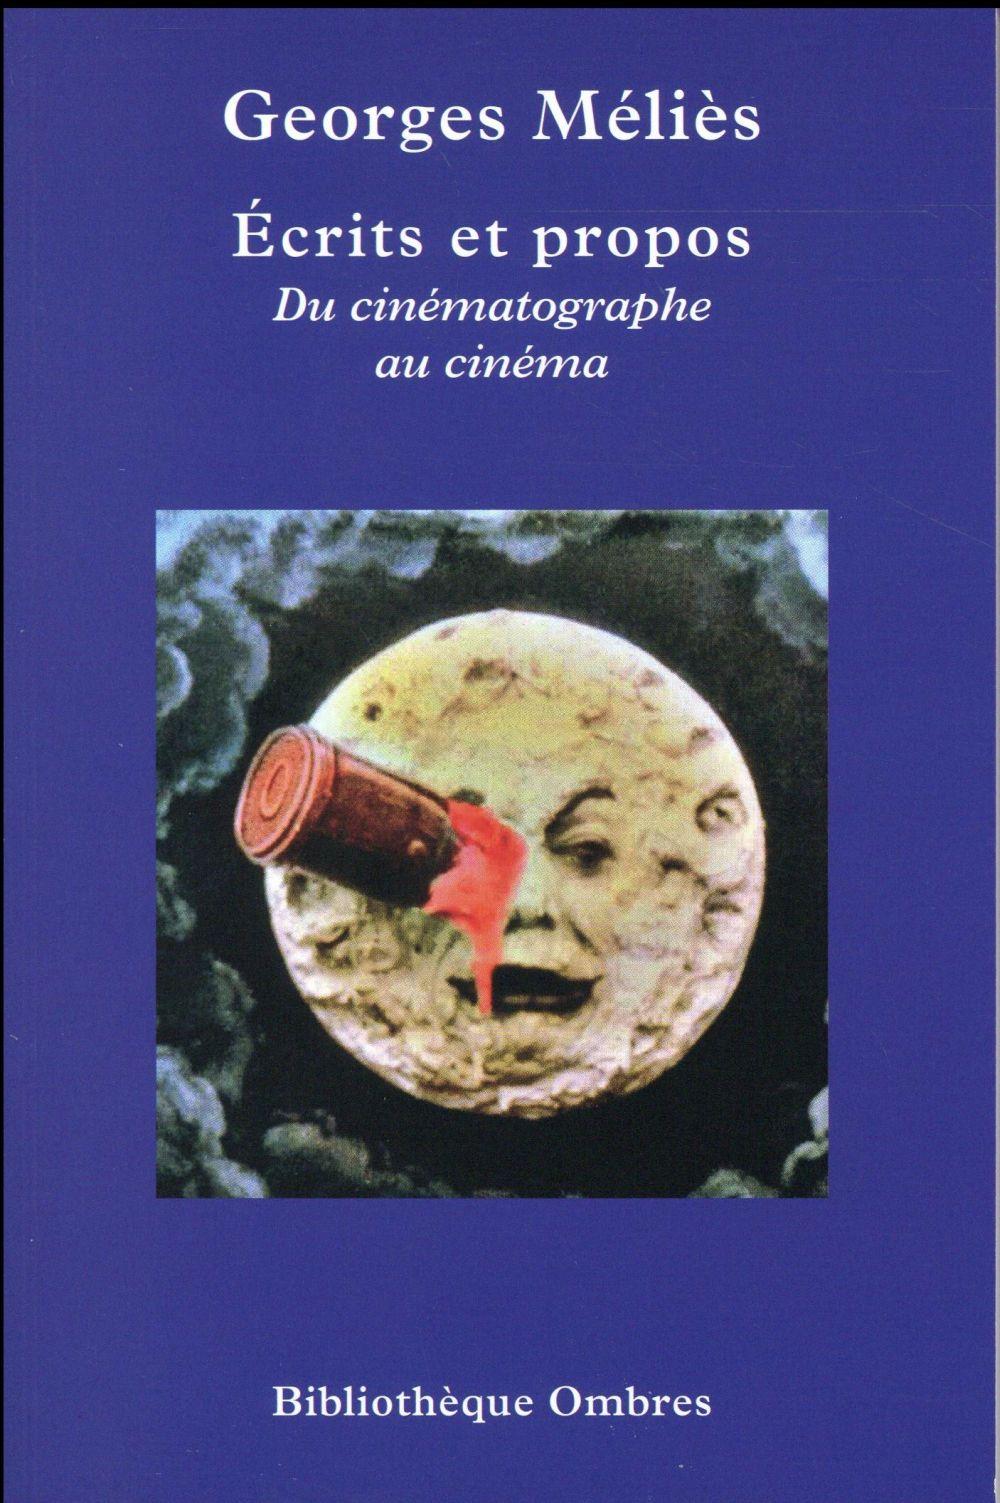 écrits et propos ; du cinématographe au cinéma